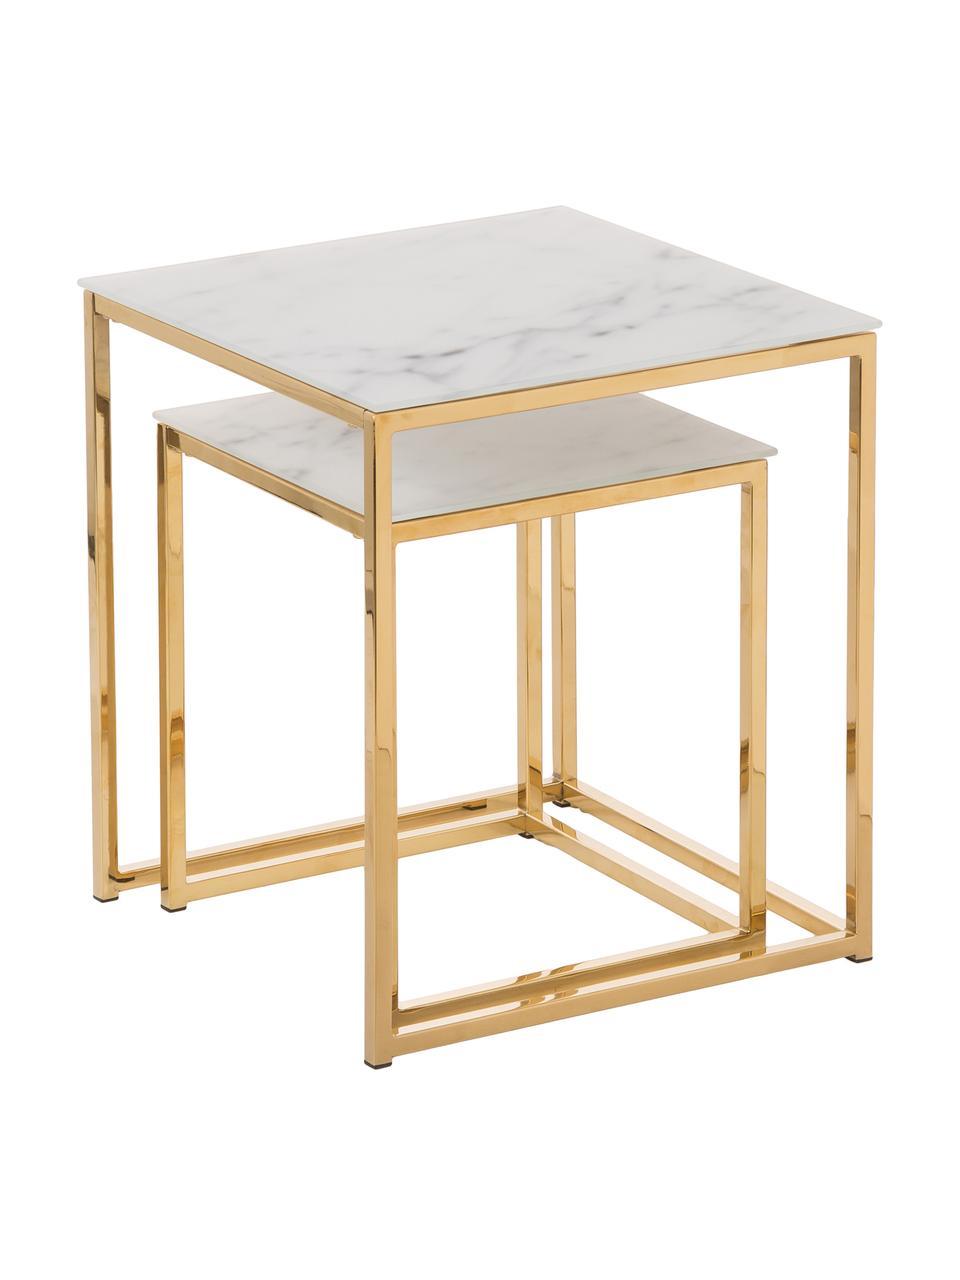 Komplet stolików pomocniczych ze szklanym blatem Antigua, 2 elem., Blat: szkło, Stelaż: metal powlekany, Blat z nadrukiem na szkle: matowy, biały, marmurowy Stelaż: odcienie złotego, Komplet z różnymi rozmiarami